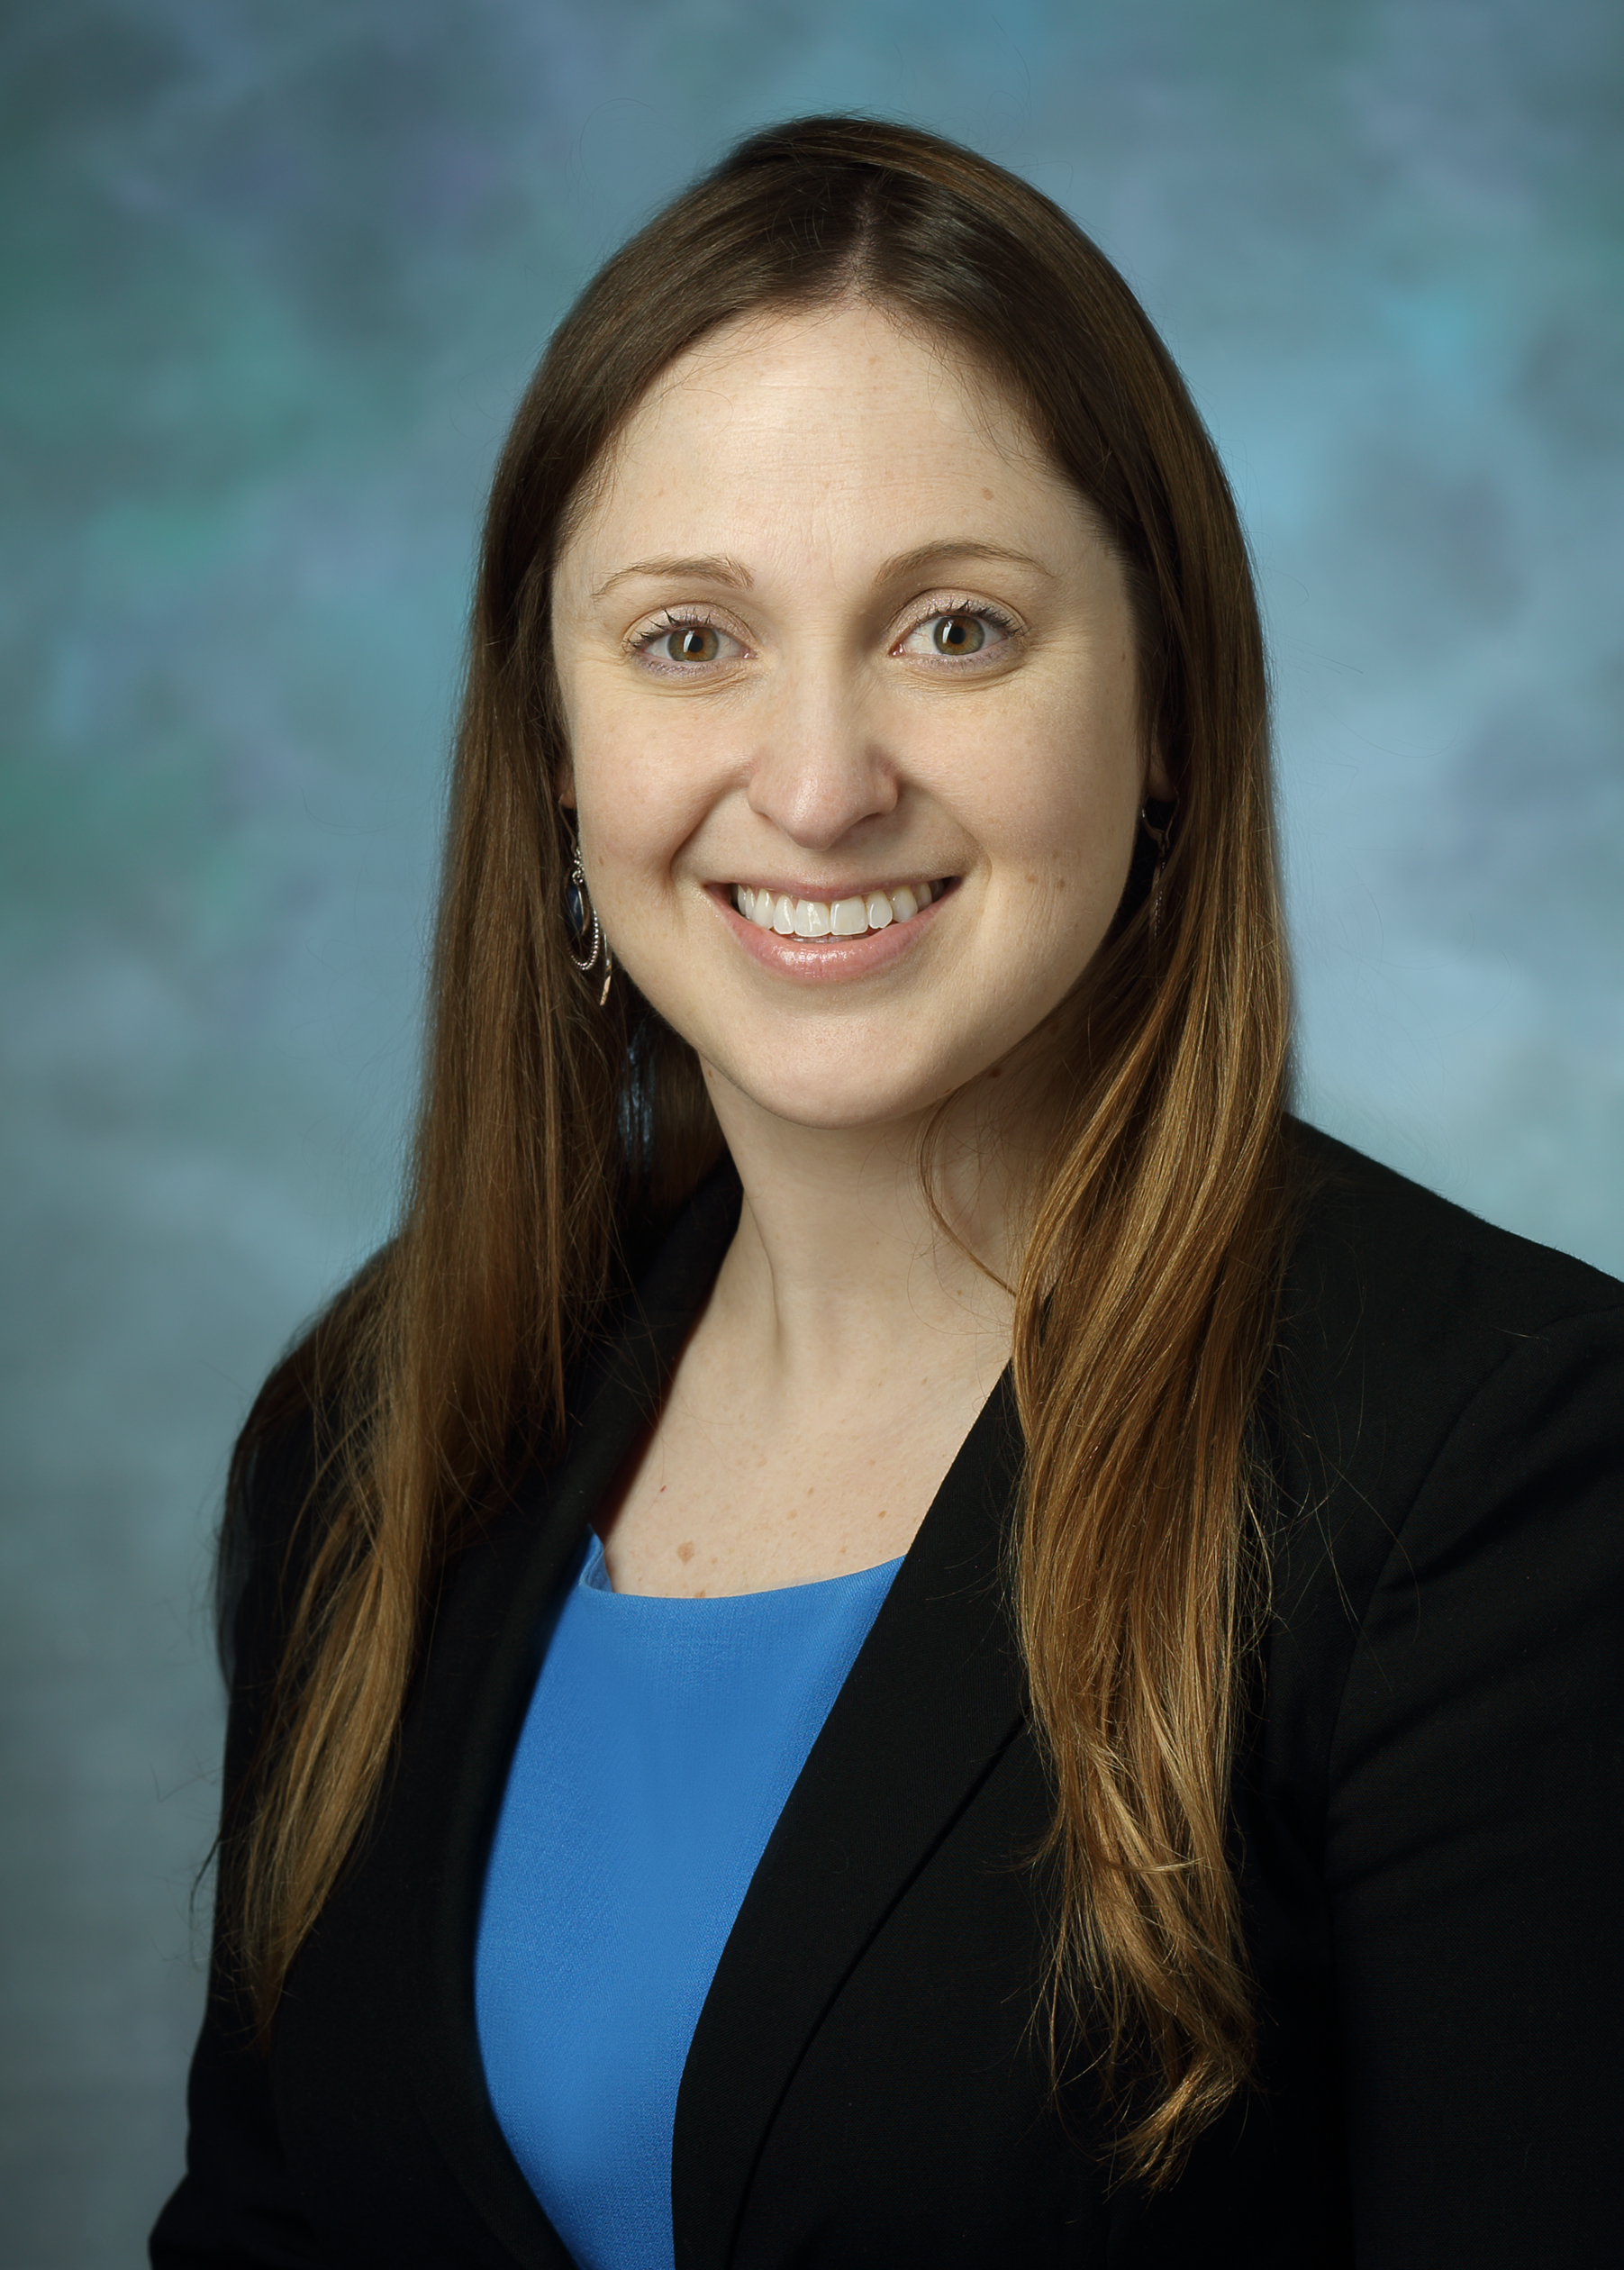 Megan Kasimatis Singleton